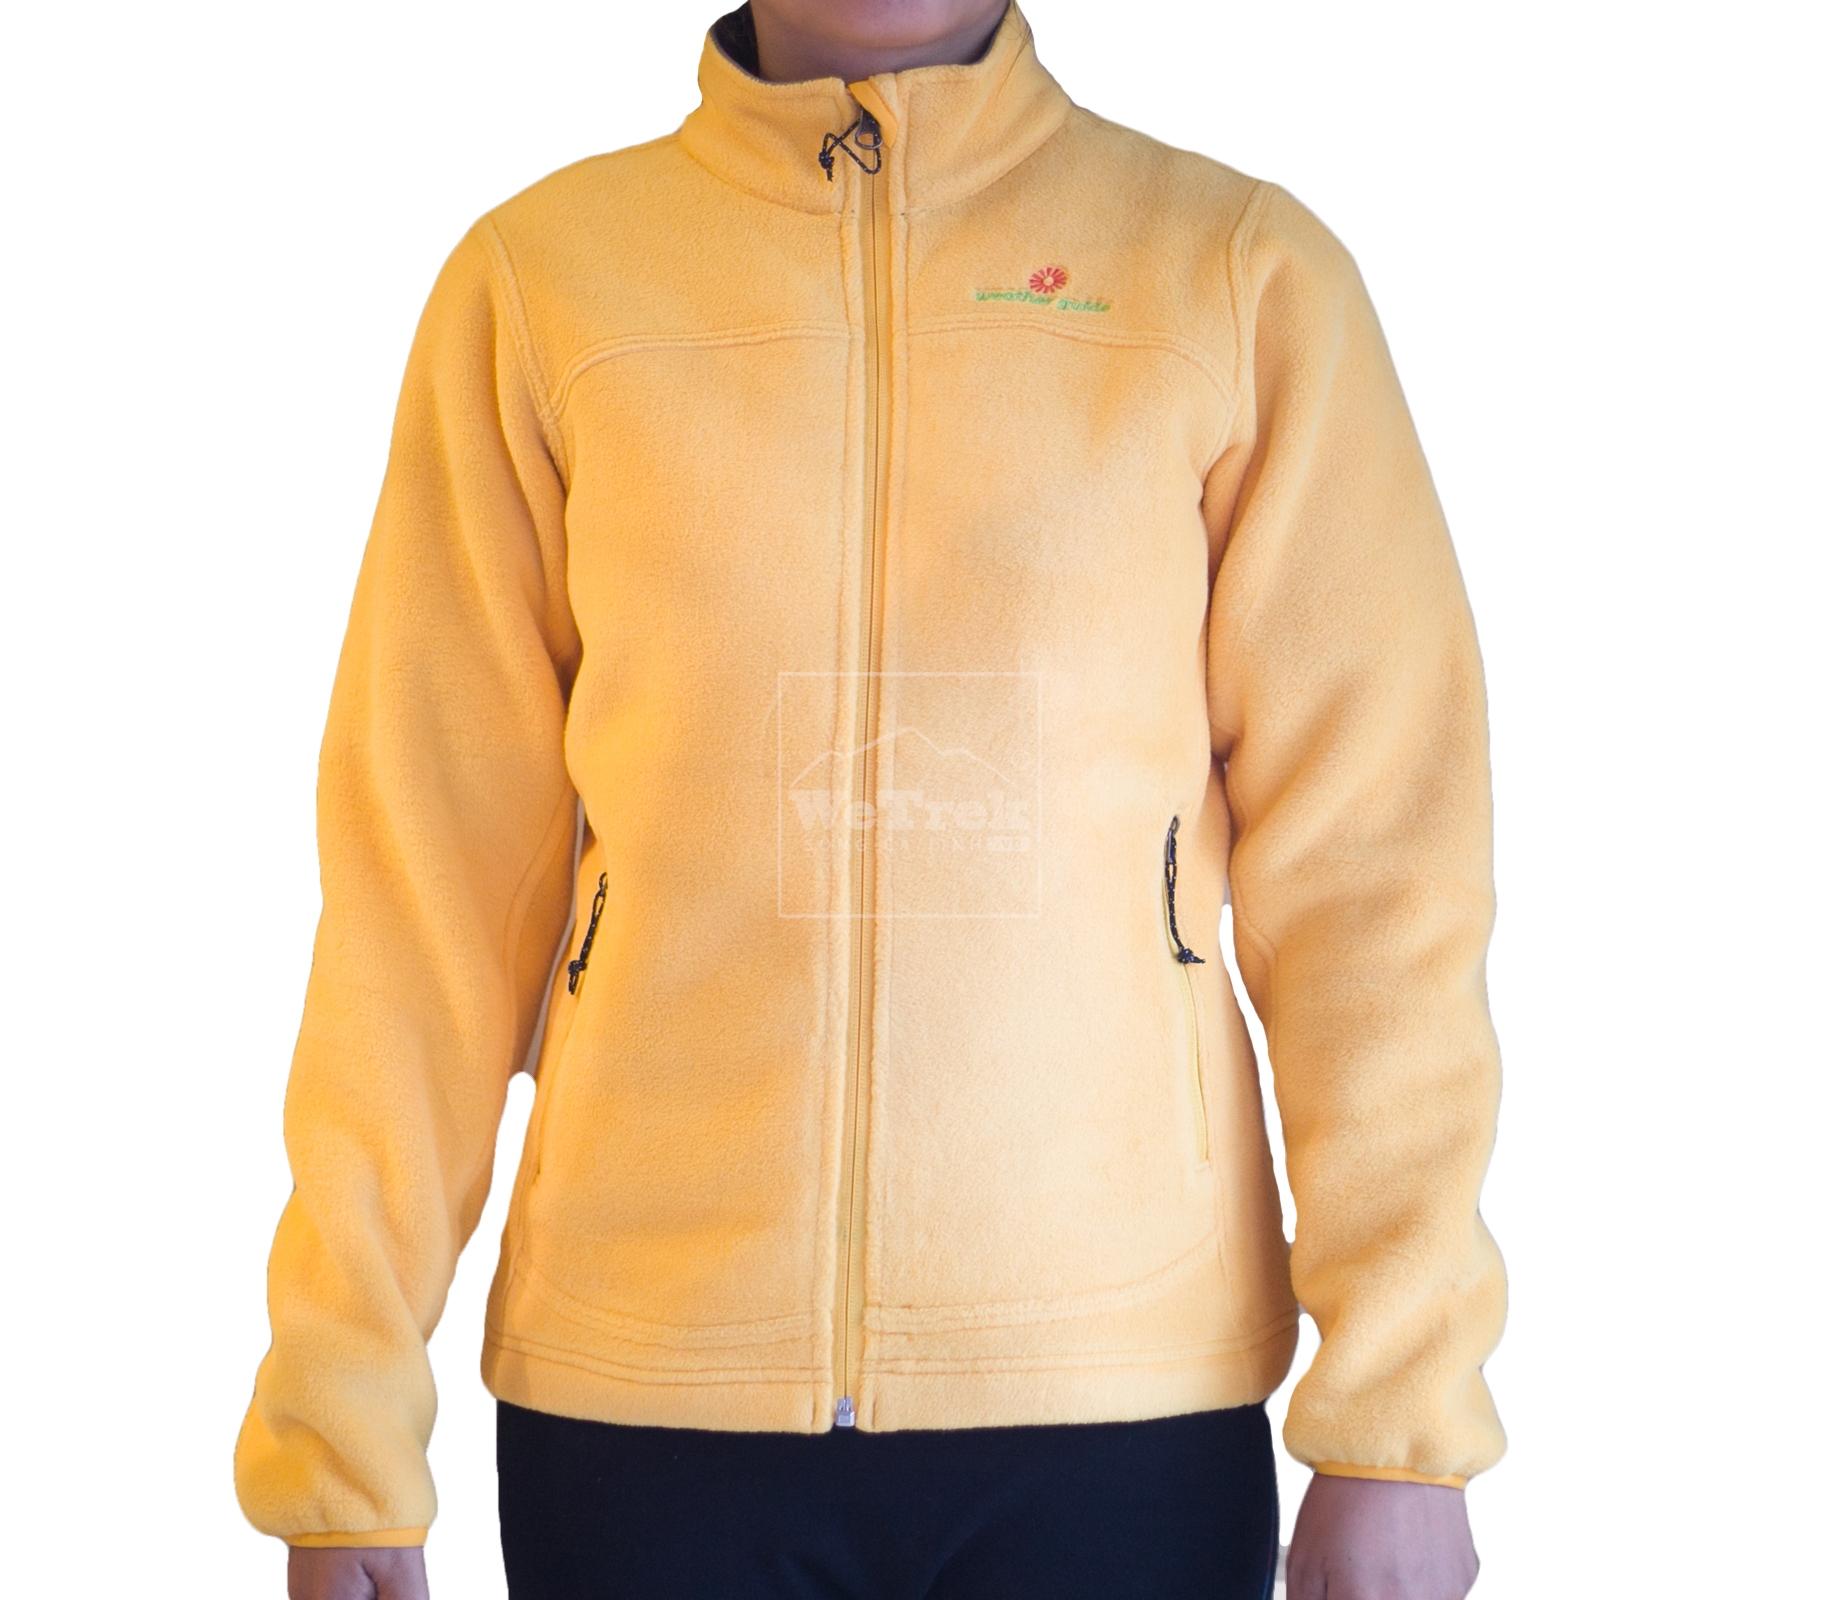 Áo khoác nỉ nữ Weather Guide Ladys Fleece Jacket CS-0713V - 8284